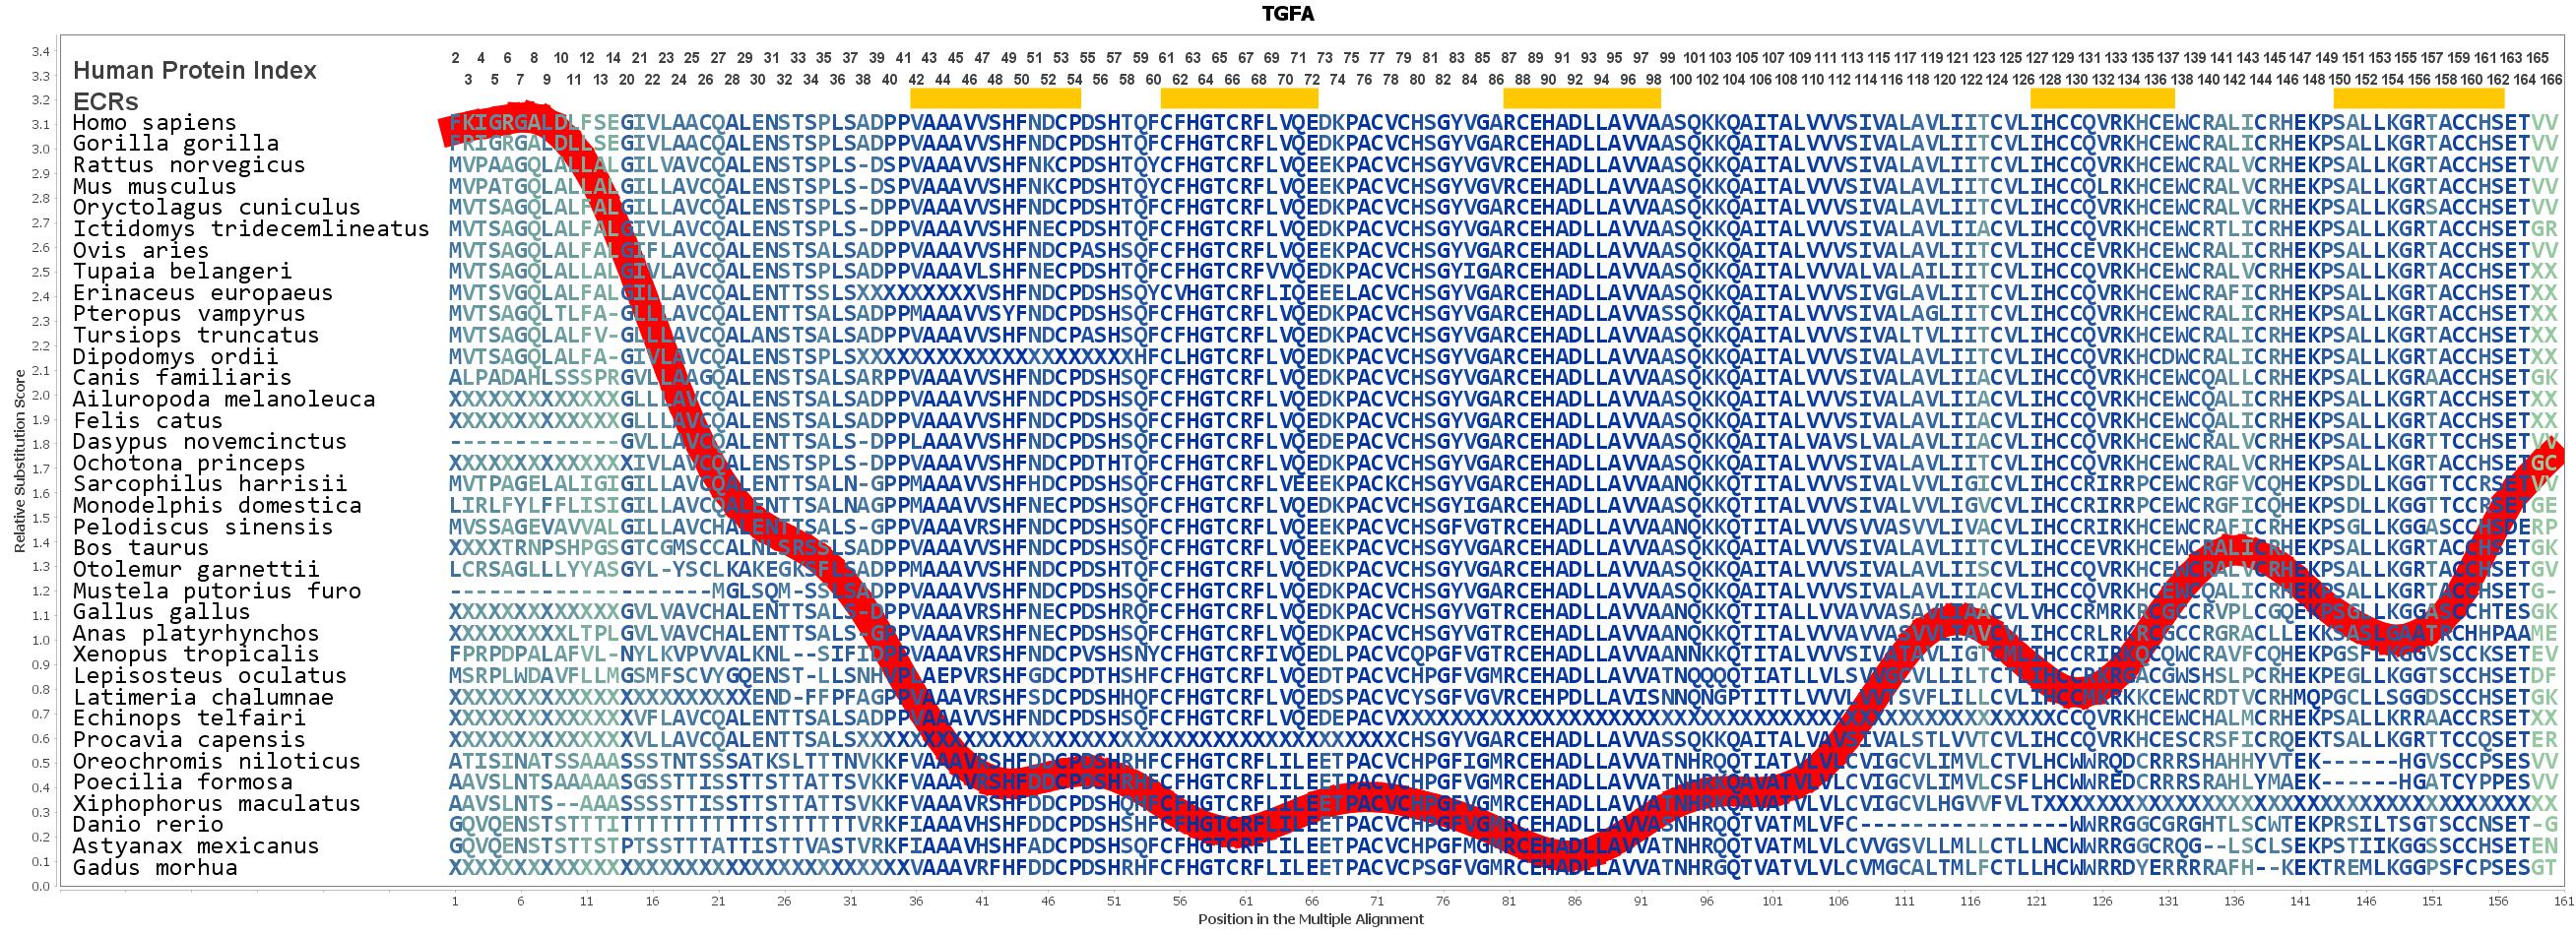 TGFA Gene - GeneCards | TGFA Protein | TGFA Antibody